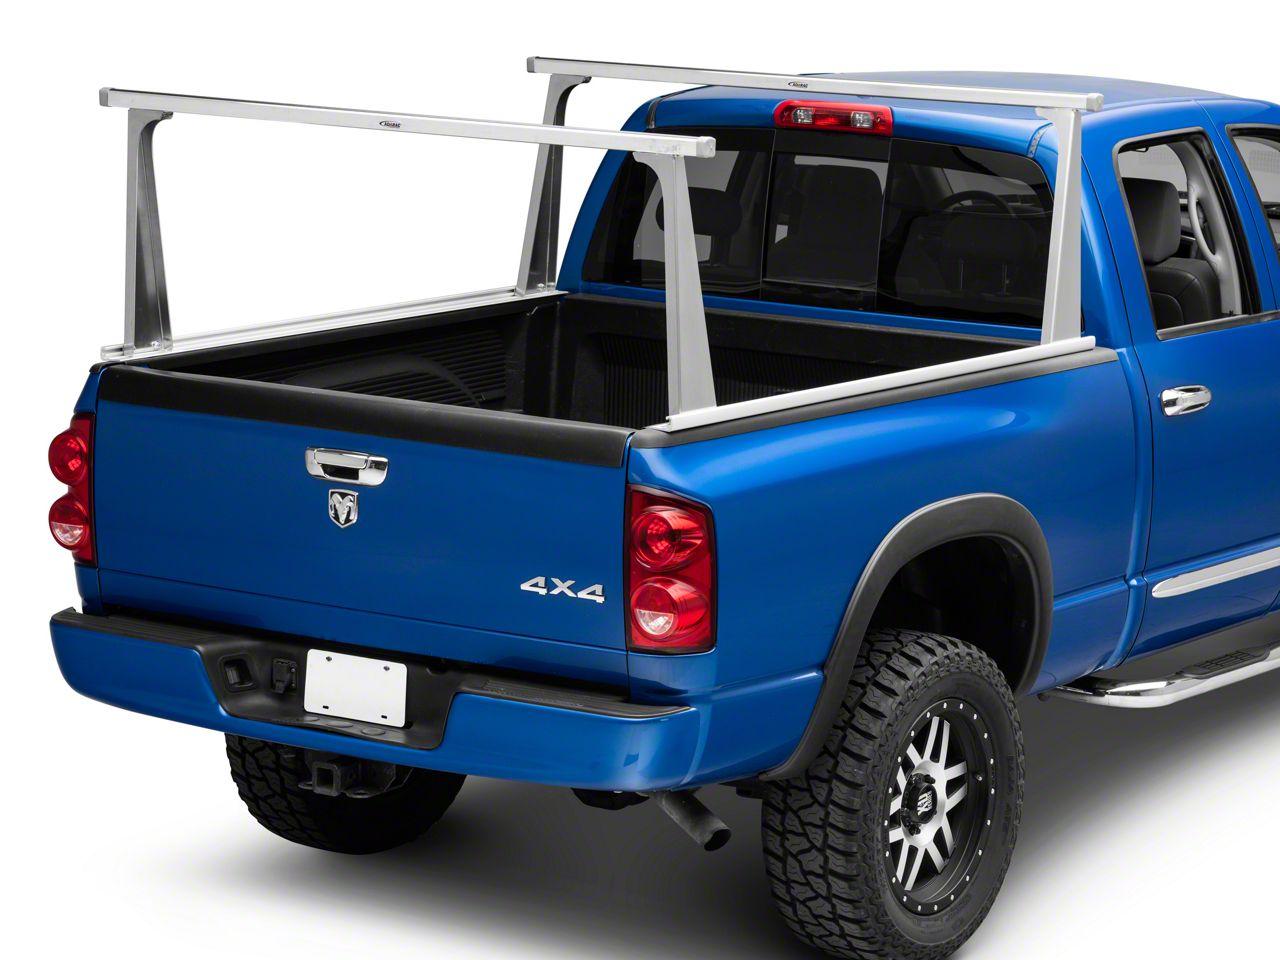 Access ADARAC Aluminum Pro Series Bed Rack (02-18 RAM 1500 w/ 6.4 ft. Box & w/o RAM Box)